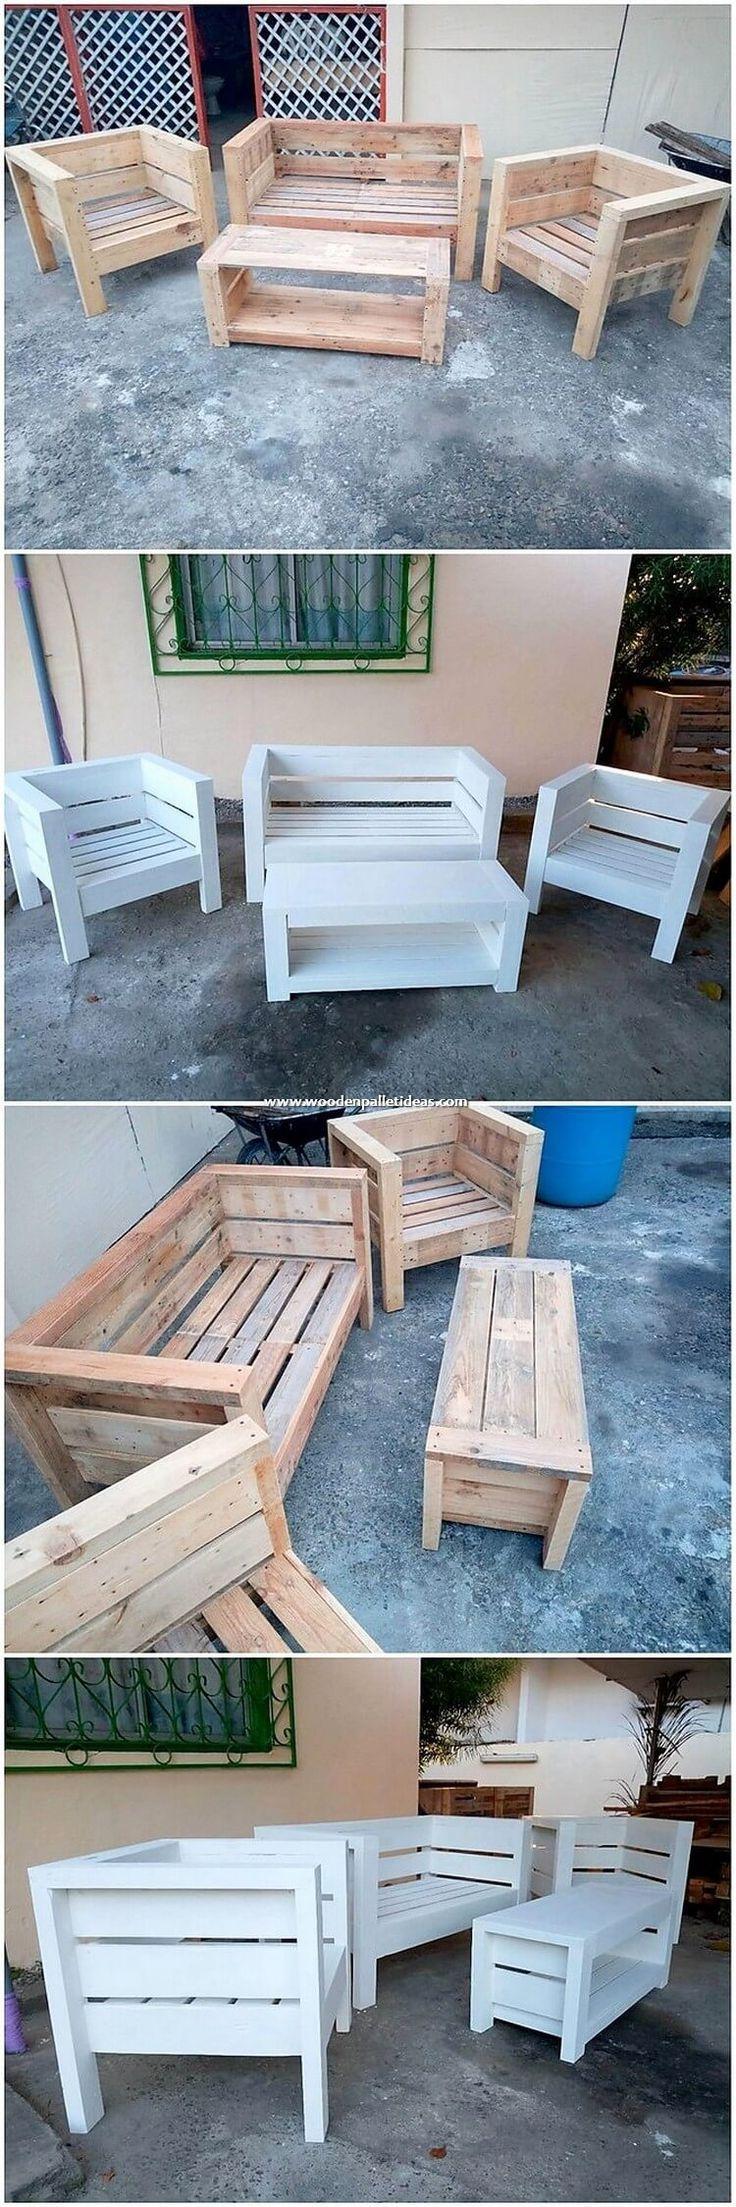 Fantastisch aussehende DIY Holzpalettenkreationen #diyoutdoorprojects